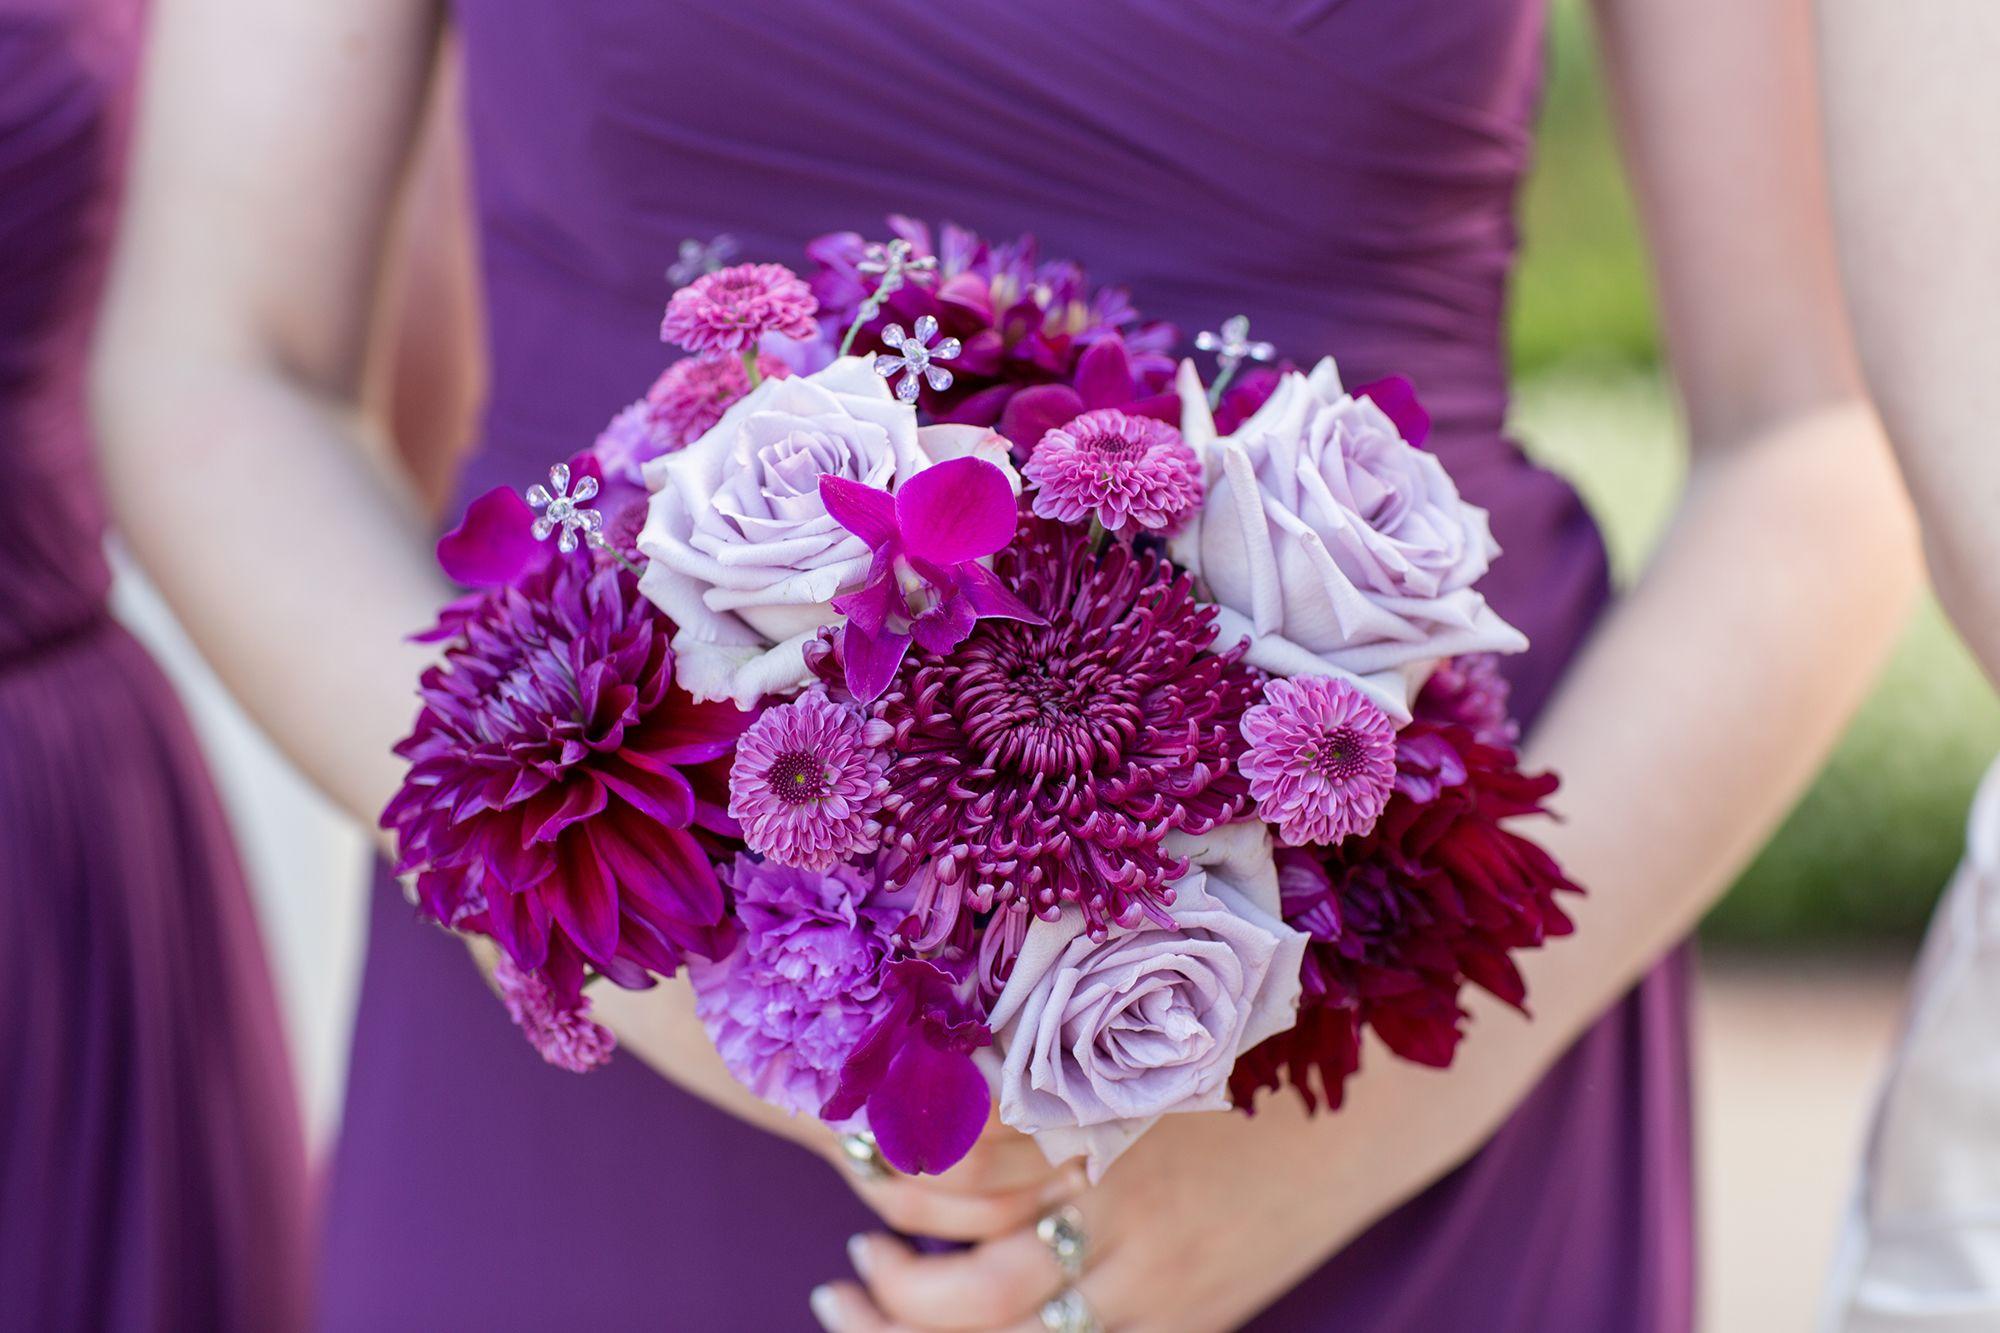 Значение цвета цветов  во флористике, смыслы цветов.